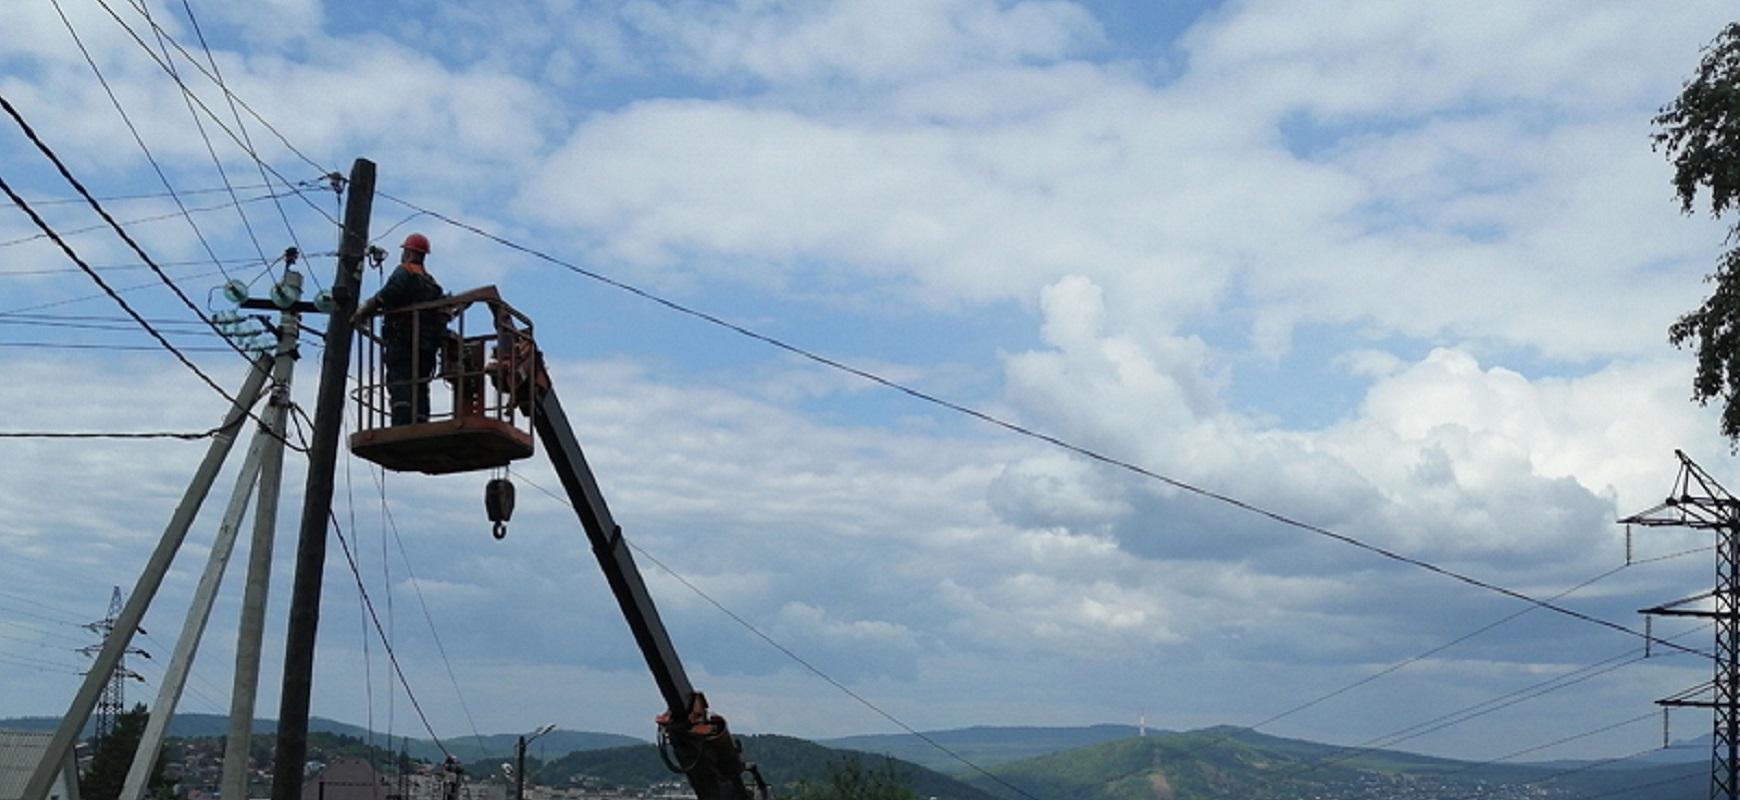 Непогода оставила без света 33 населенных пункта в Пермском крае